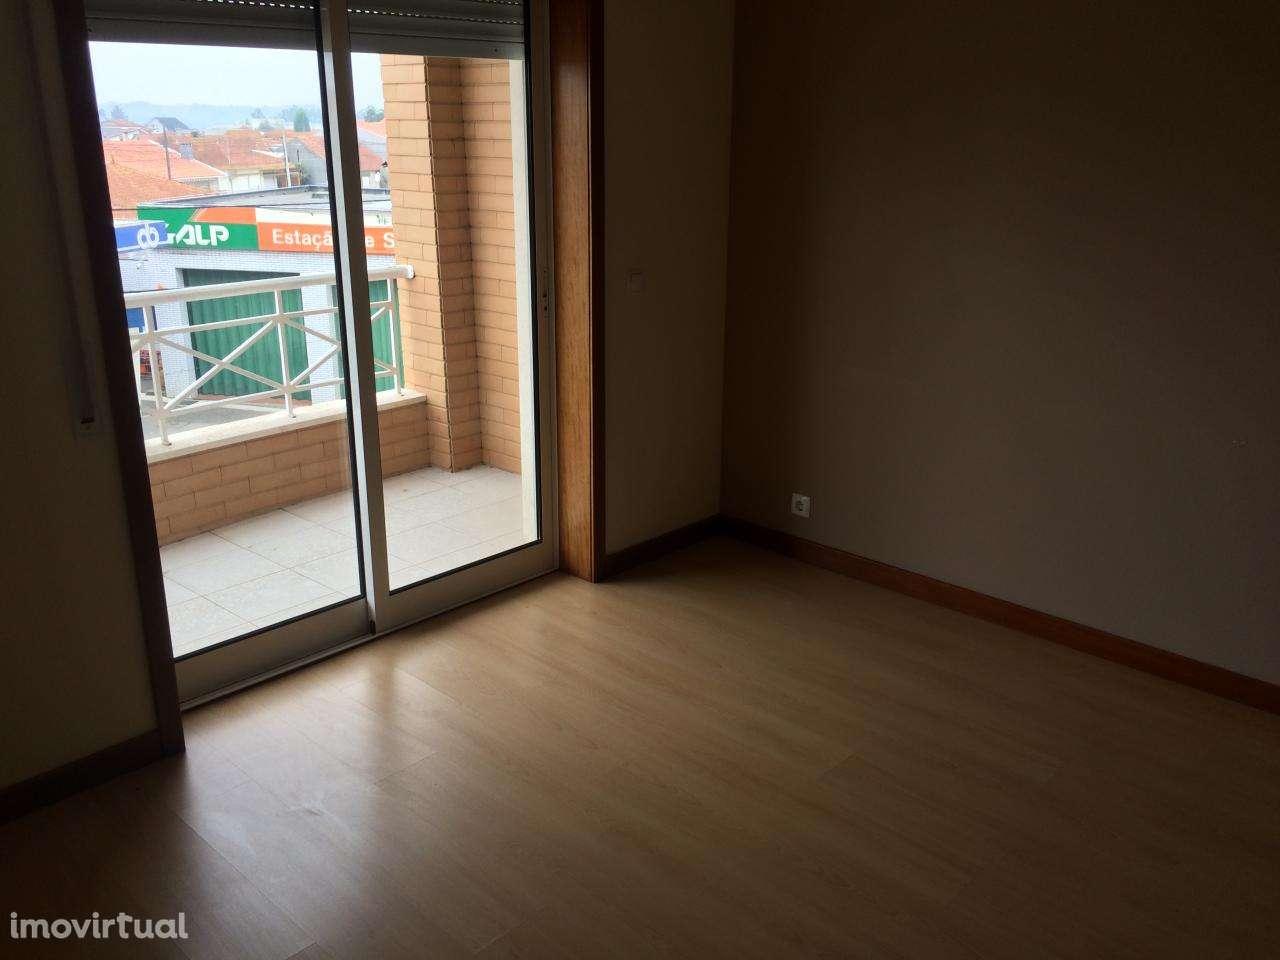 Apartamento para comprar, Palhaça, Oliveira do Bairro, Aveiro - Foto 4